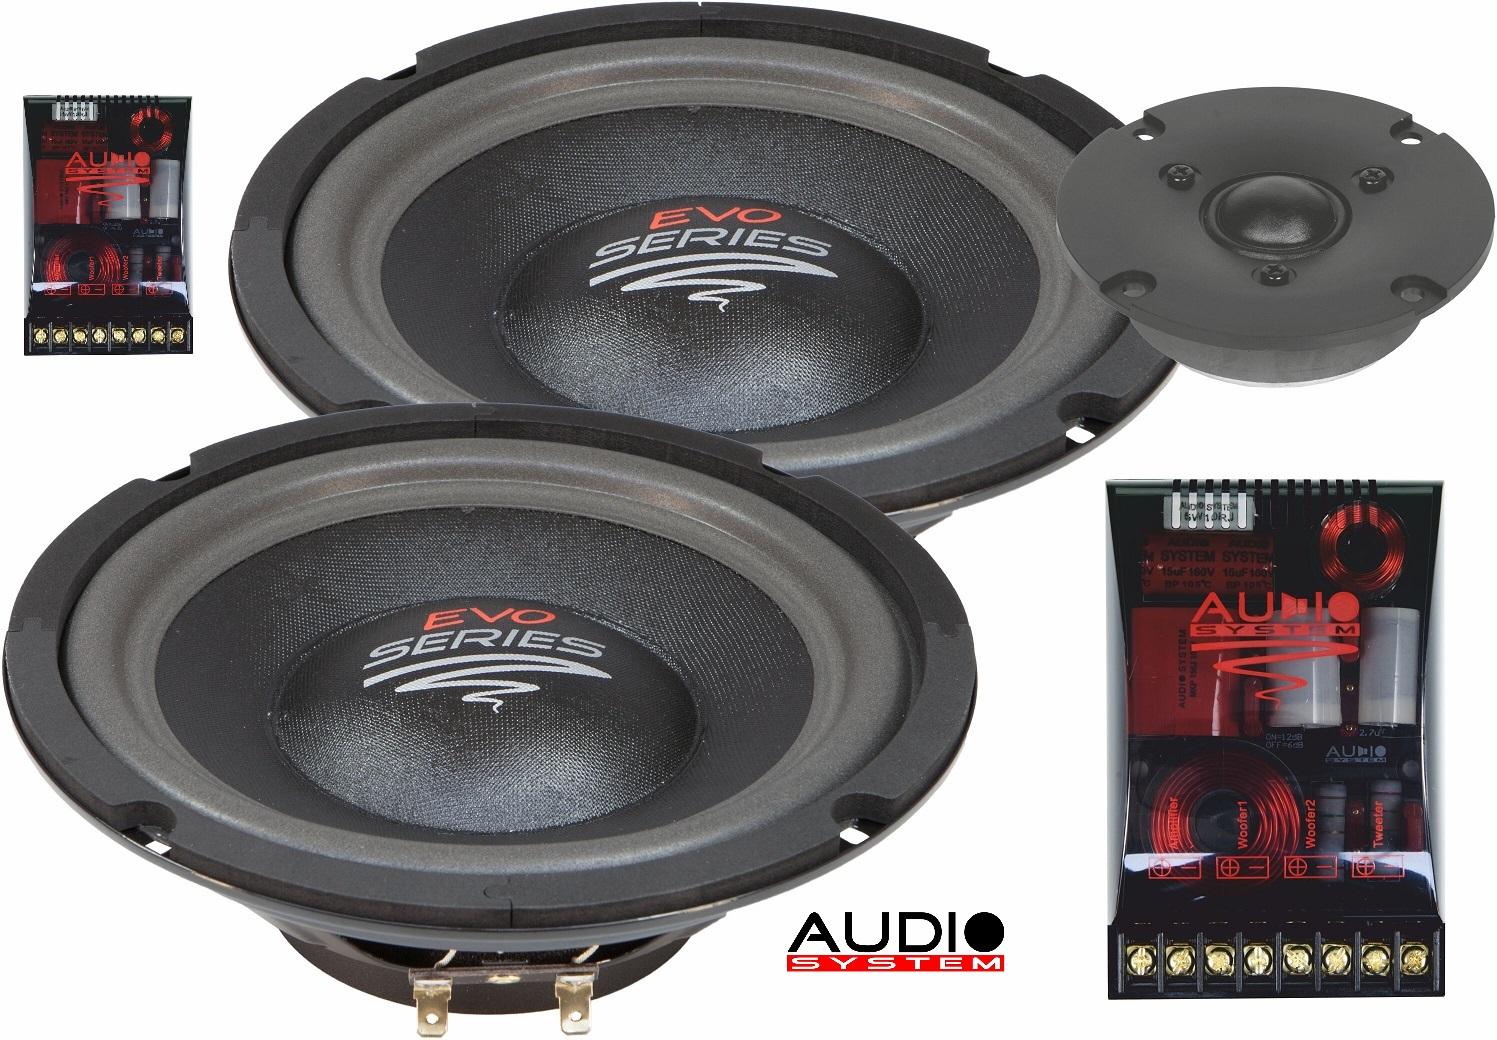 Audio System R 2/20 FLAT 2 voies Composystem 20cm pour la zone arrière